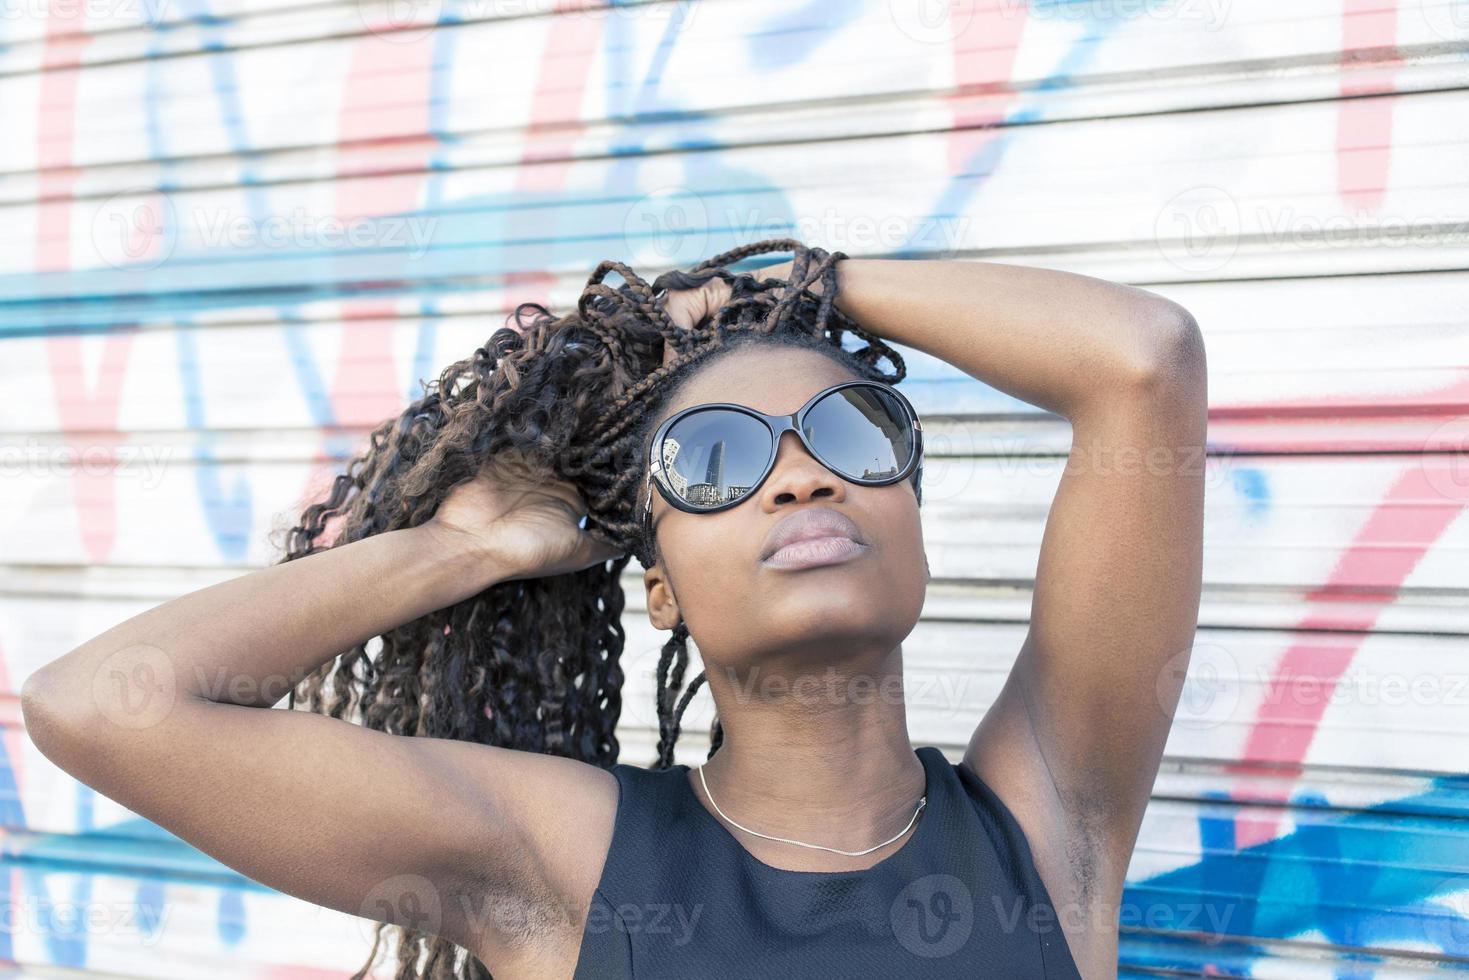 Stadtporträt der schönen afrikanischen Frau mit Sonnenbrille, Frisur. foto